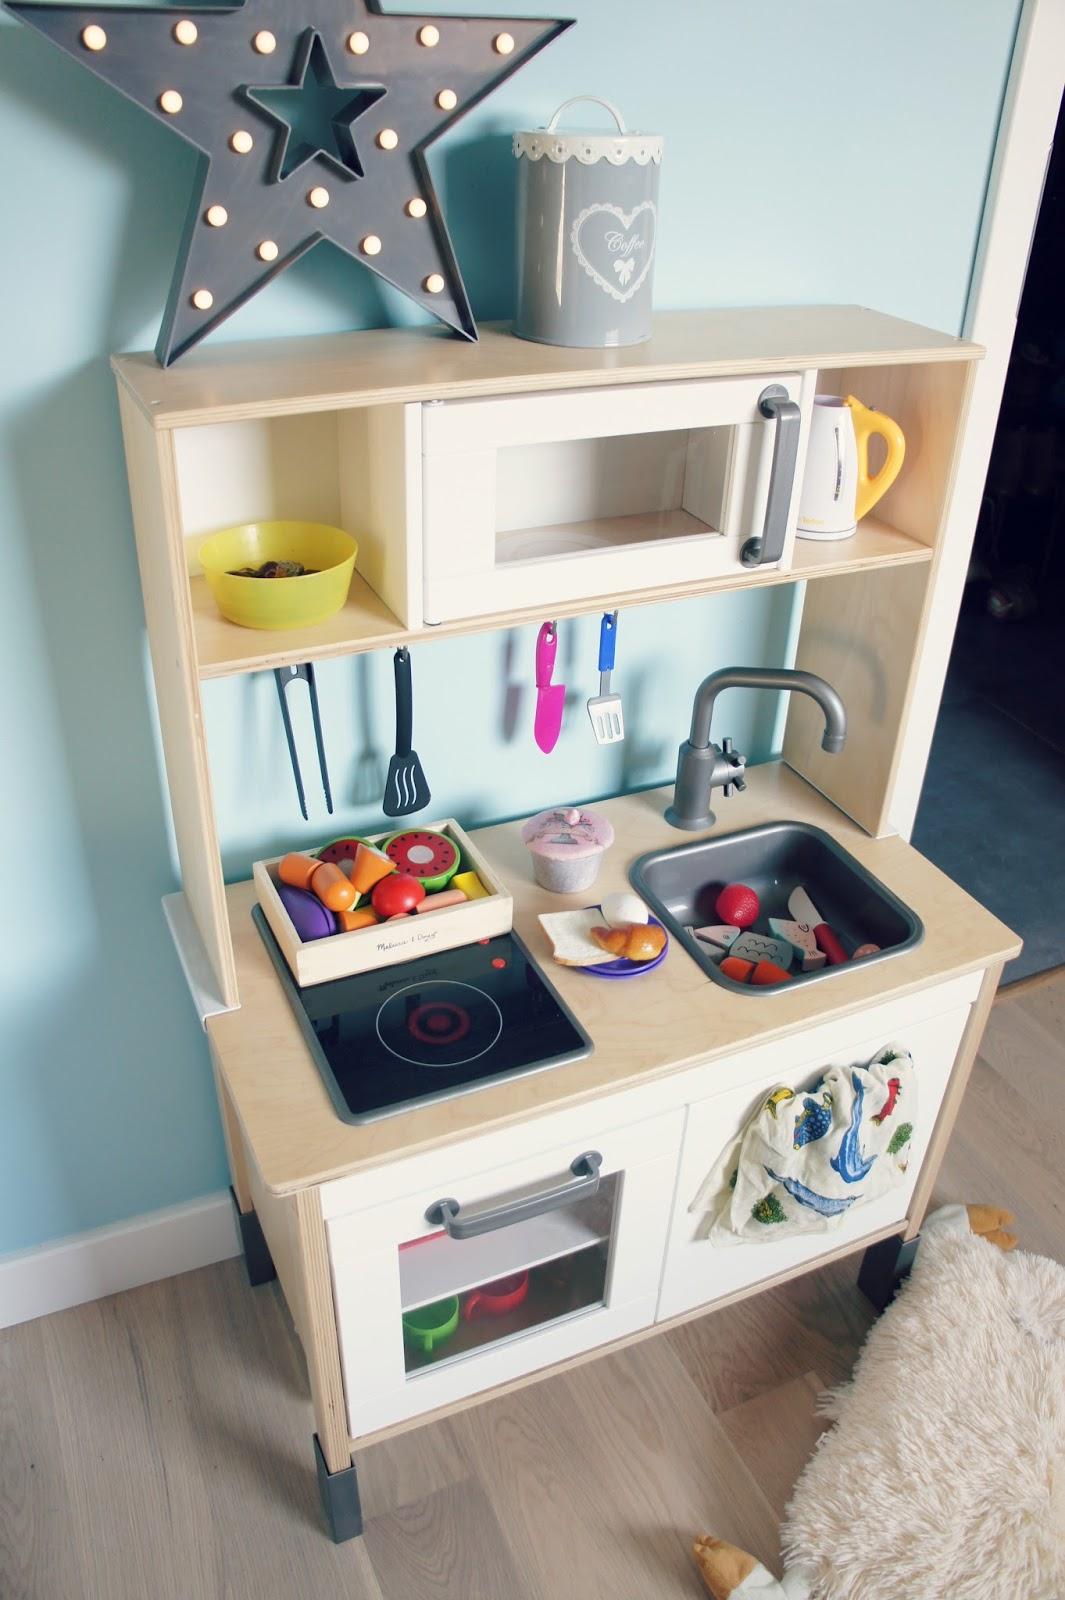 Zabawkowa kuchnia Duktig z Ikea  czy warto kupić? Moja opinia i pomysły na a   -> Ikea Kuchnia Dla Dzieci Drewniana